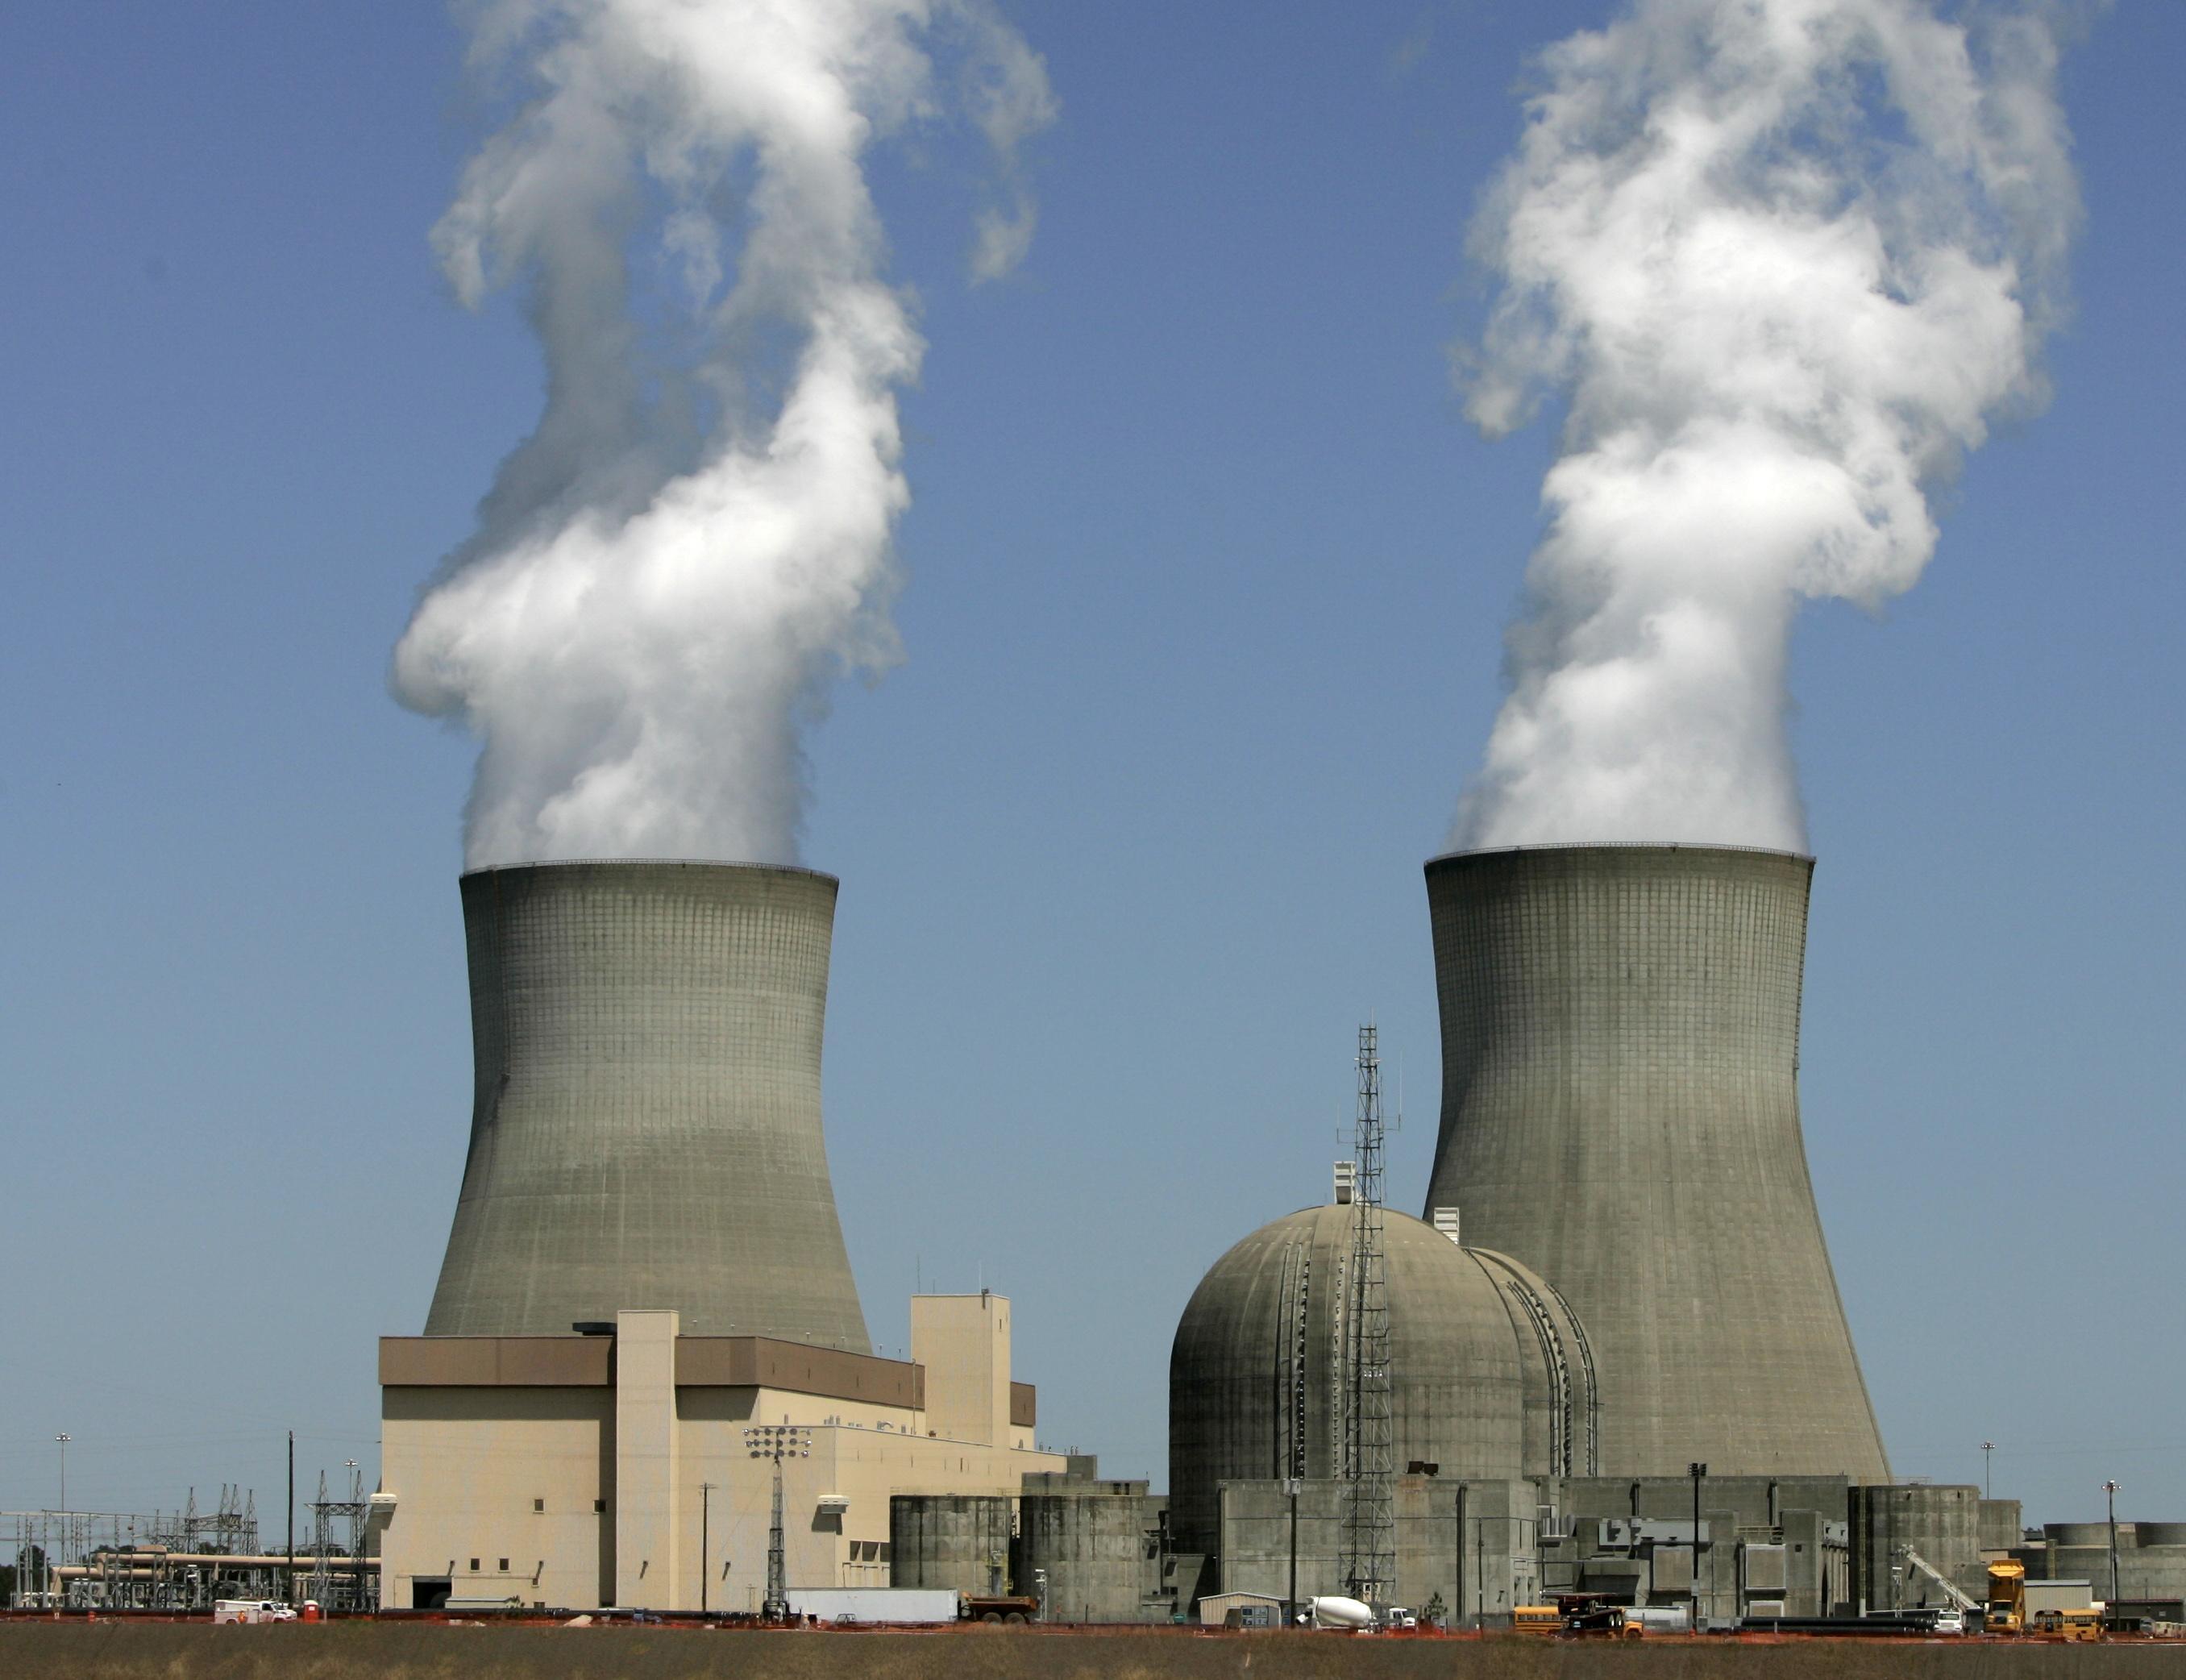 Last Jedi Georgia s nuclear power plant Vogtle Washington Times